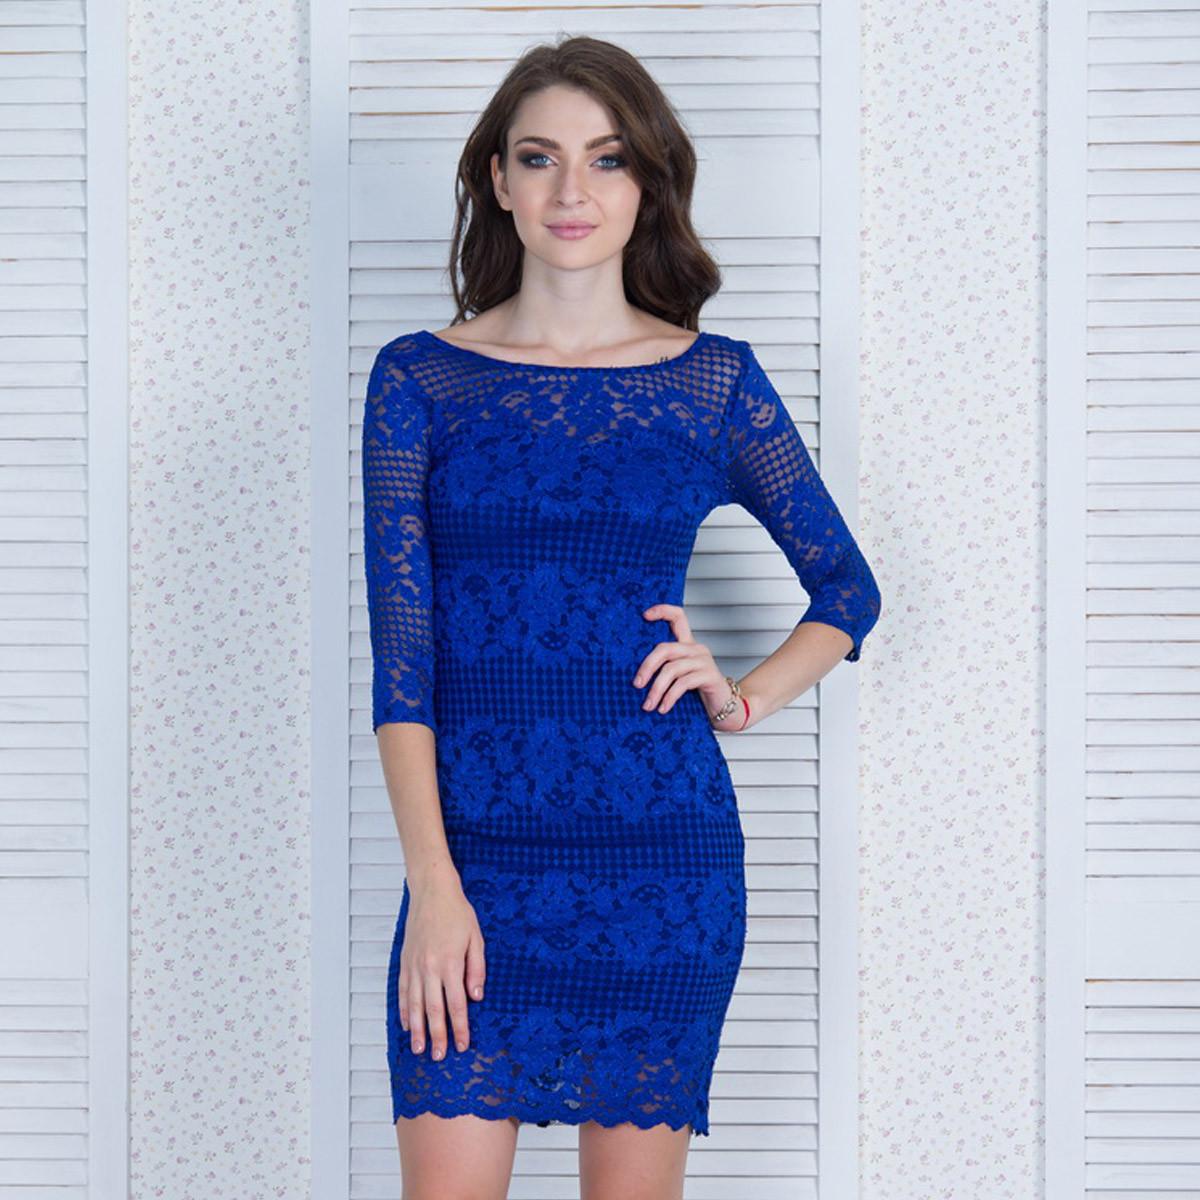 1a61f77a70d Гипюровое коктейльное платье синего цвета